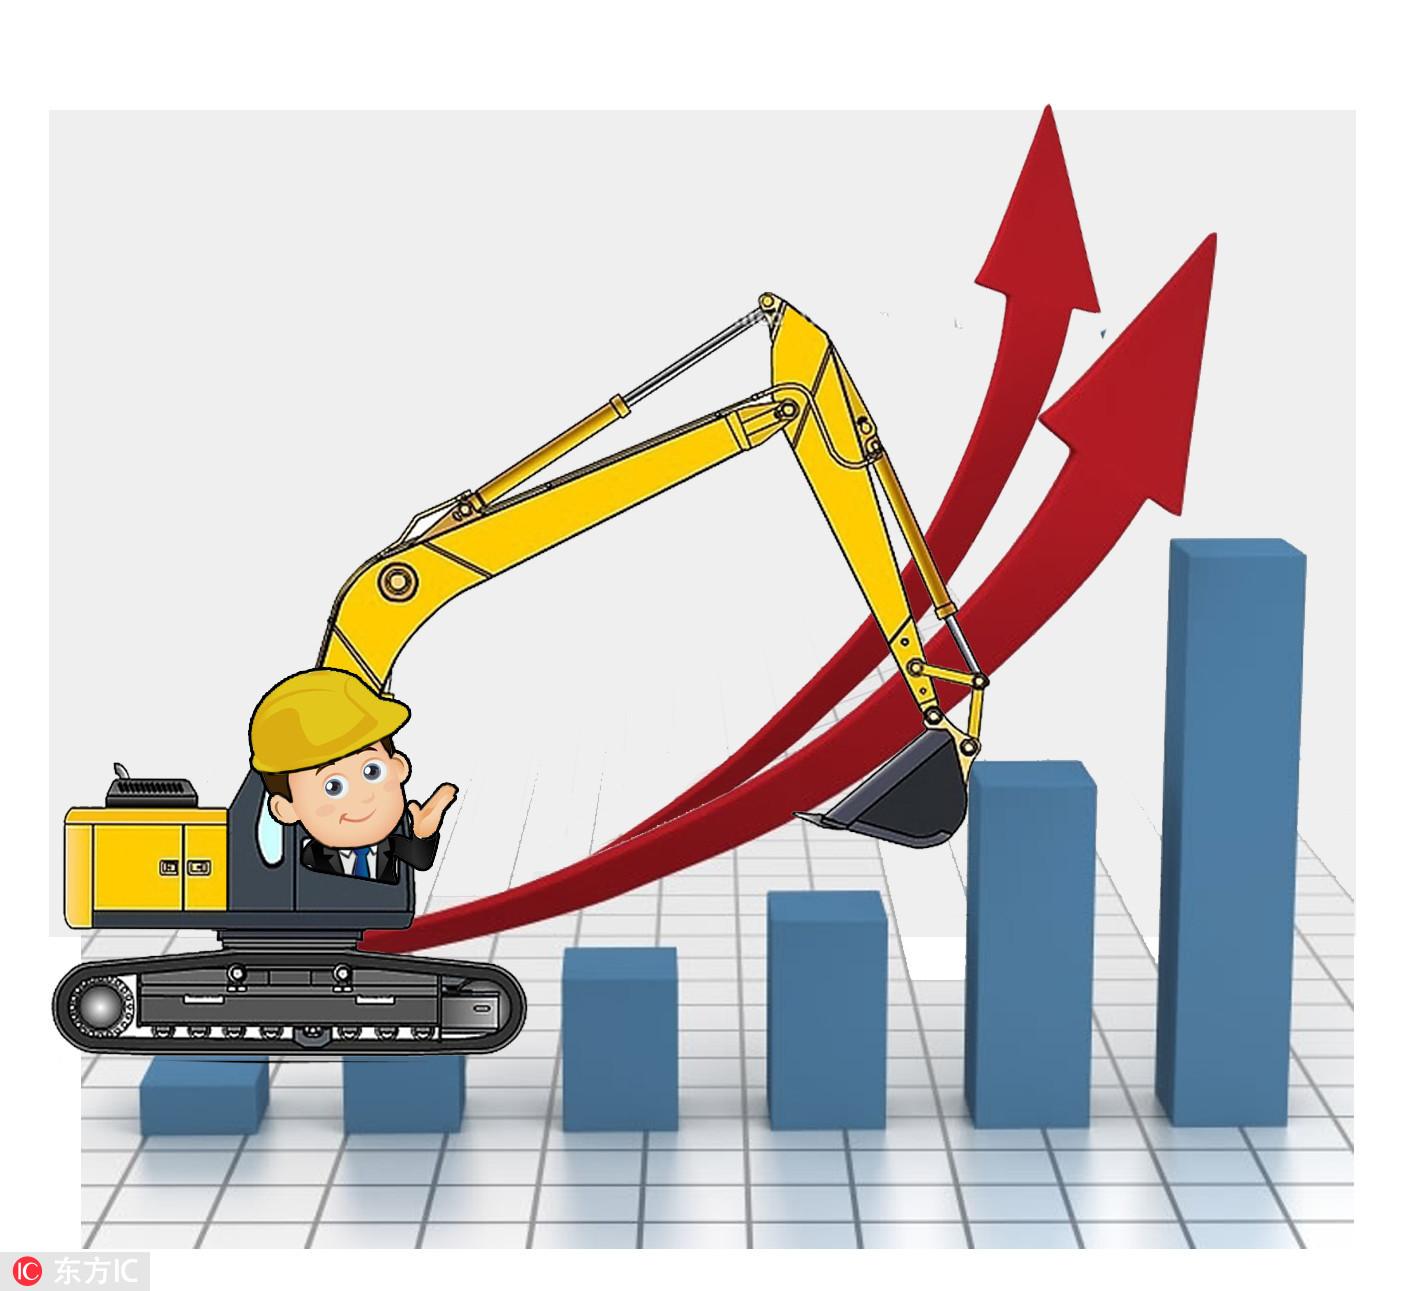 方大特钢 ——内外兼修弱化行业周期影响